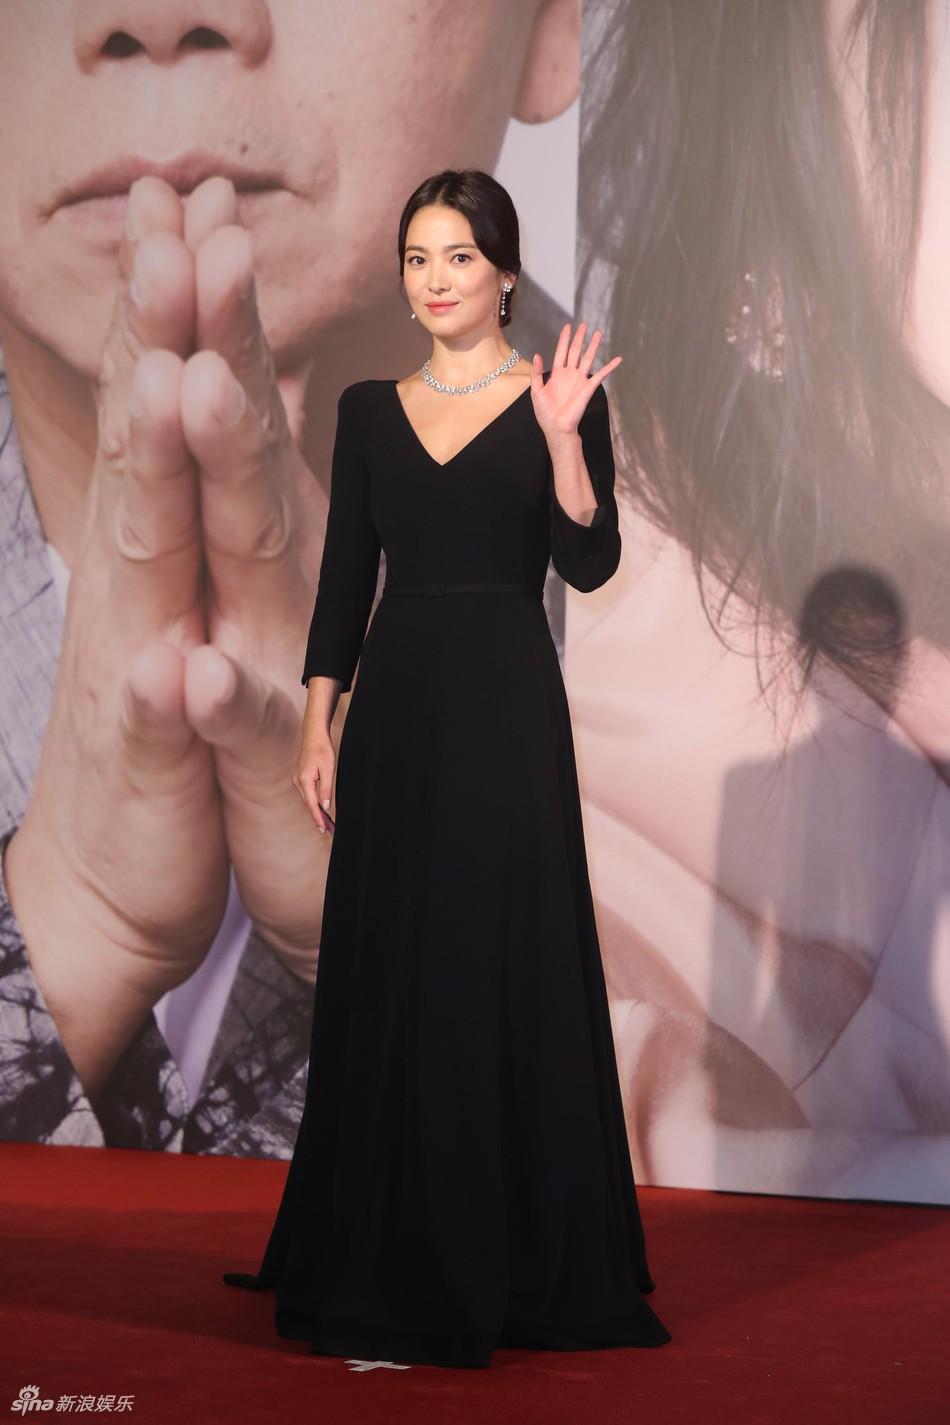 Kiên quyết giấu nhẫn cưới, Song Hye Kyo bất ngờ tiết lộ có con với Vương Gia Vệ tại Kim Tượng - Ảnh 2.